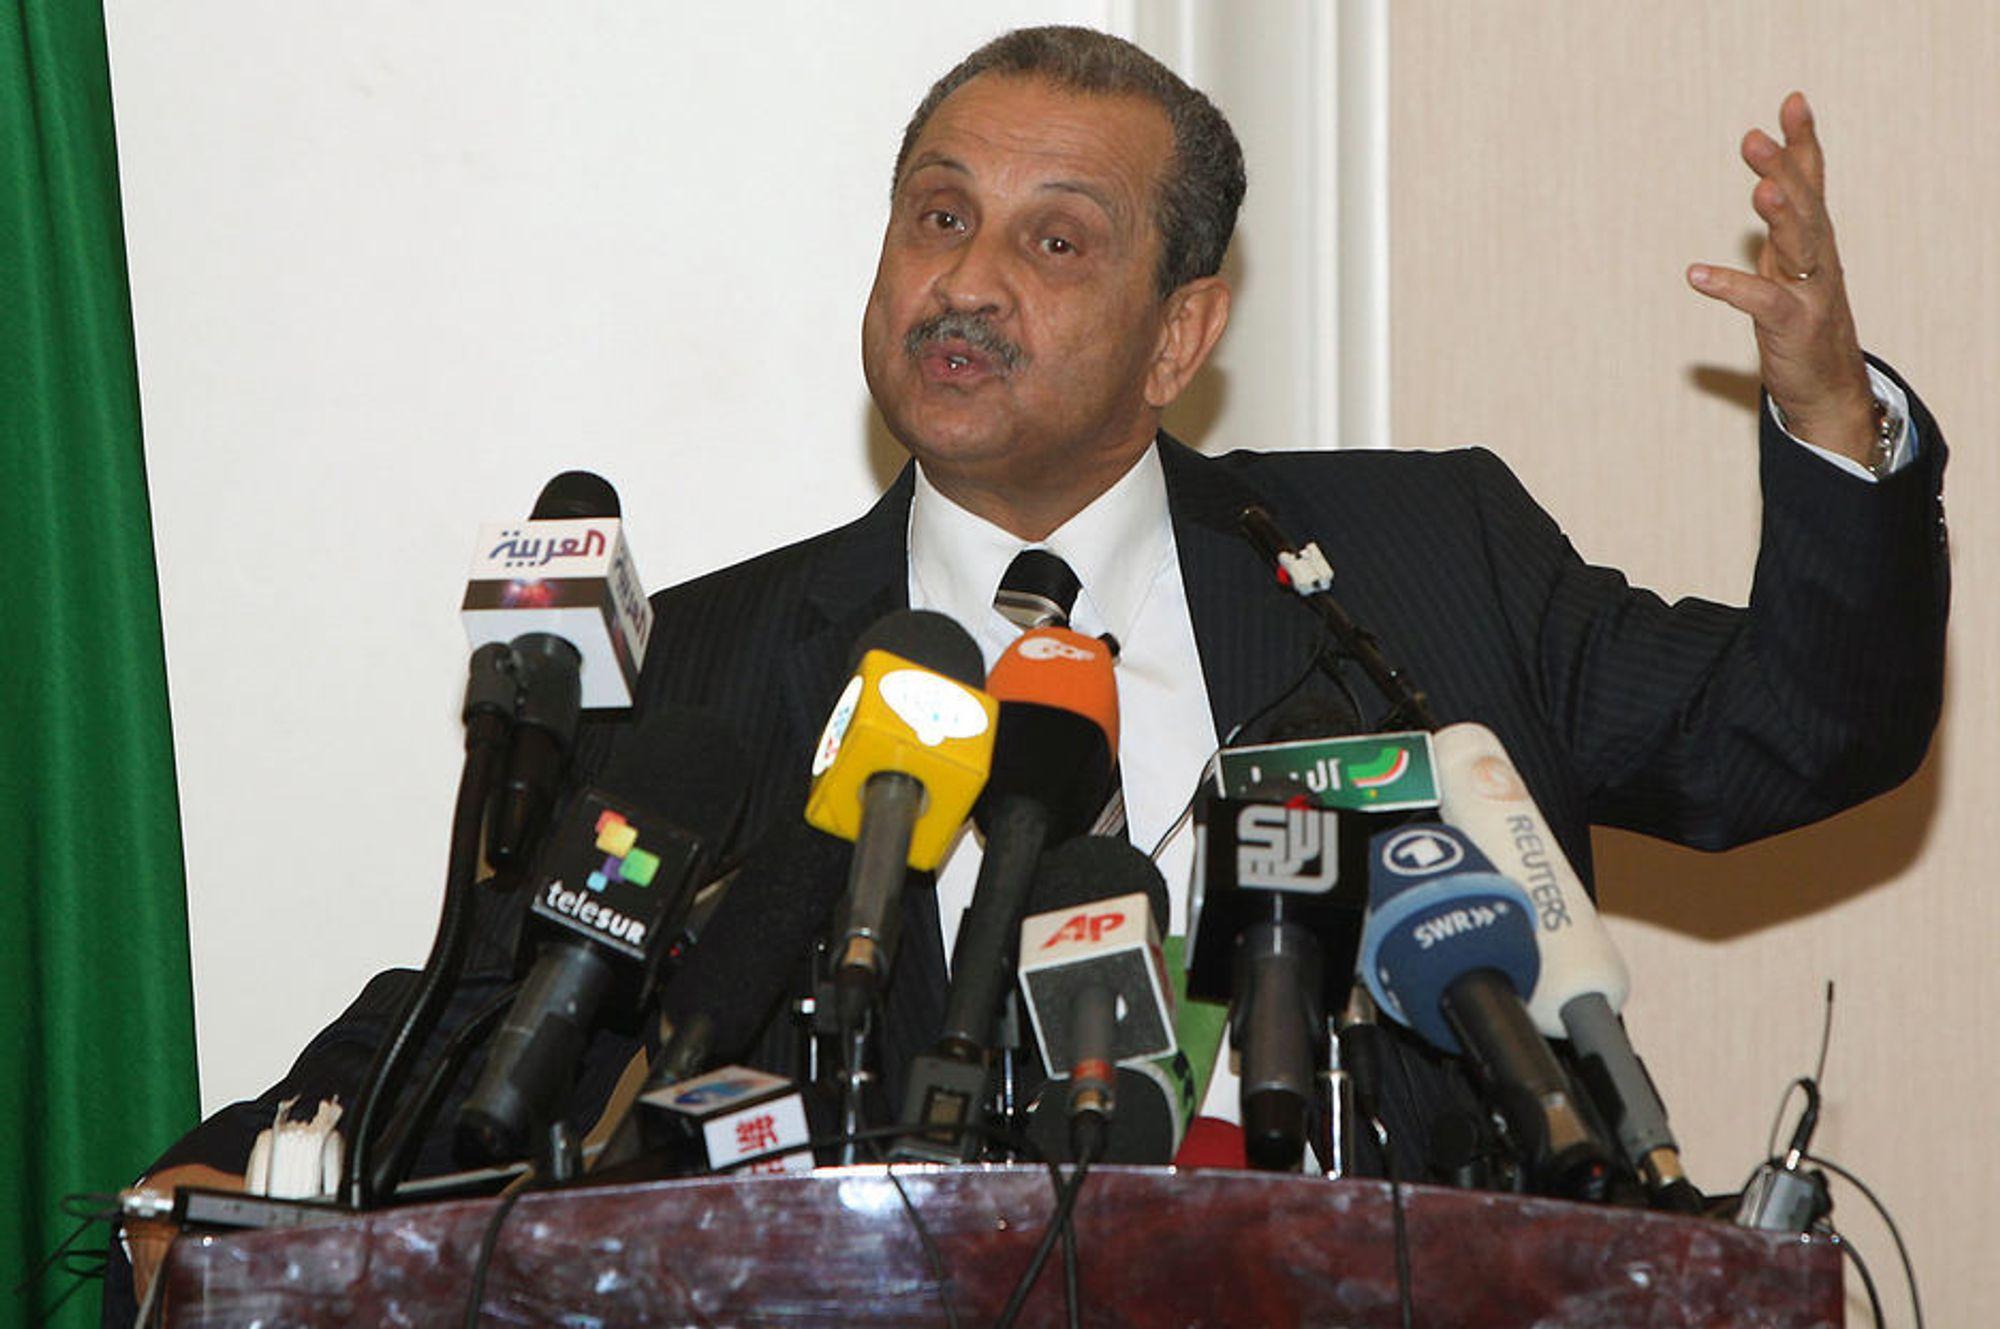 HARDE MIDLER: Libyas oljeminister Shukri Ghanem vil gi kontrakter til nye operatører utenom anbudsrunde dersom ikke vestlige selskaper umiddelbart kommer tilbake og øker oljeproduksjonen.